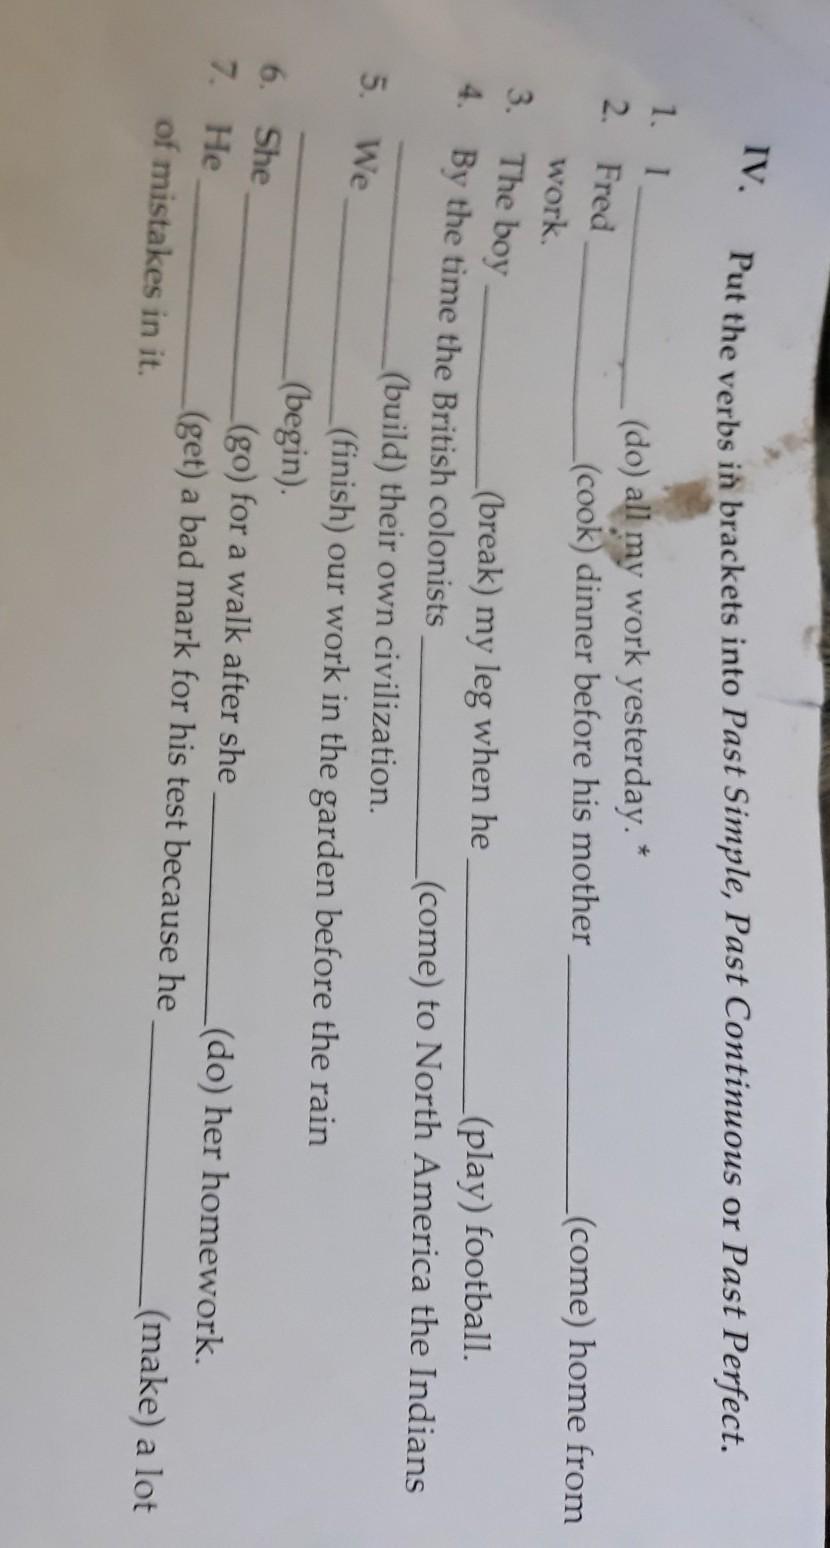 1 задание по английскому очень срочнодаю 10 балов